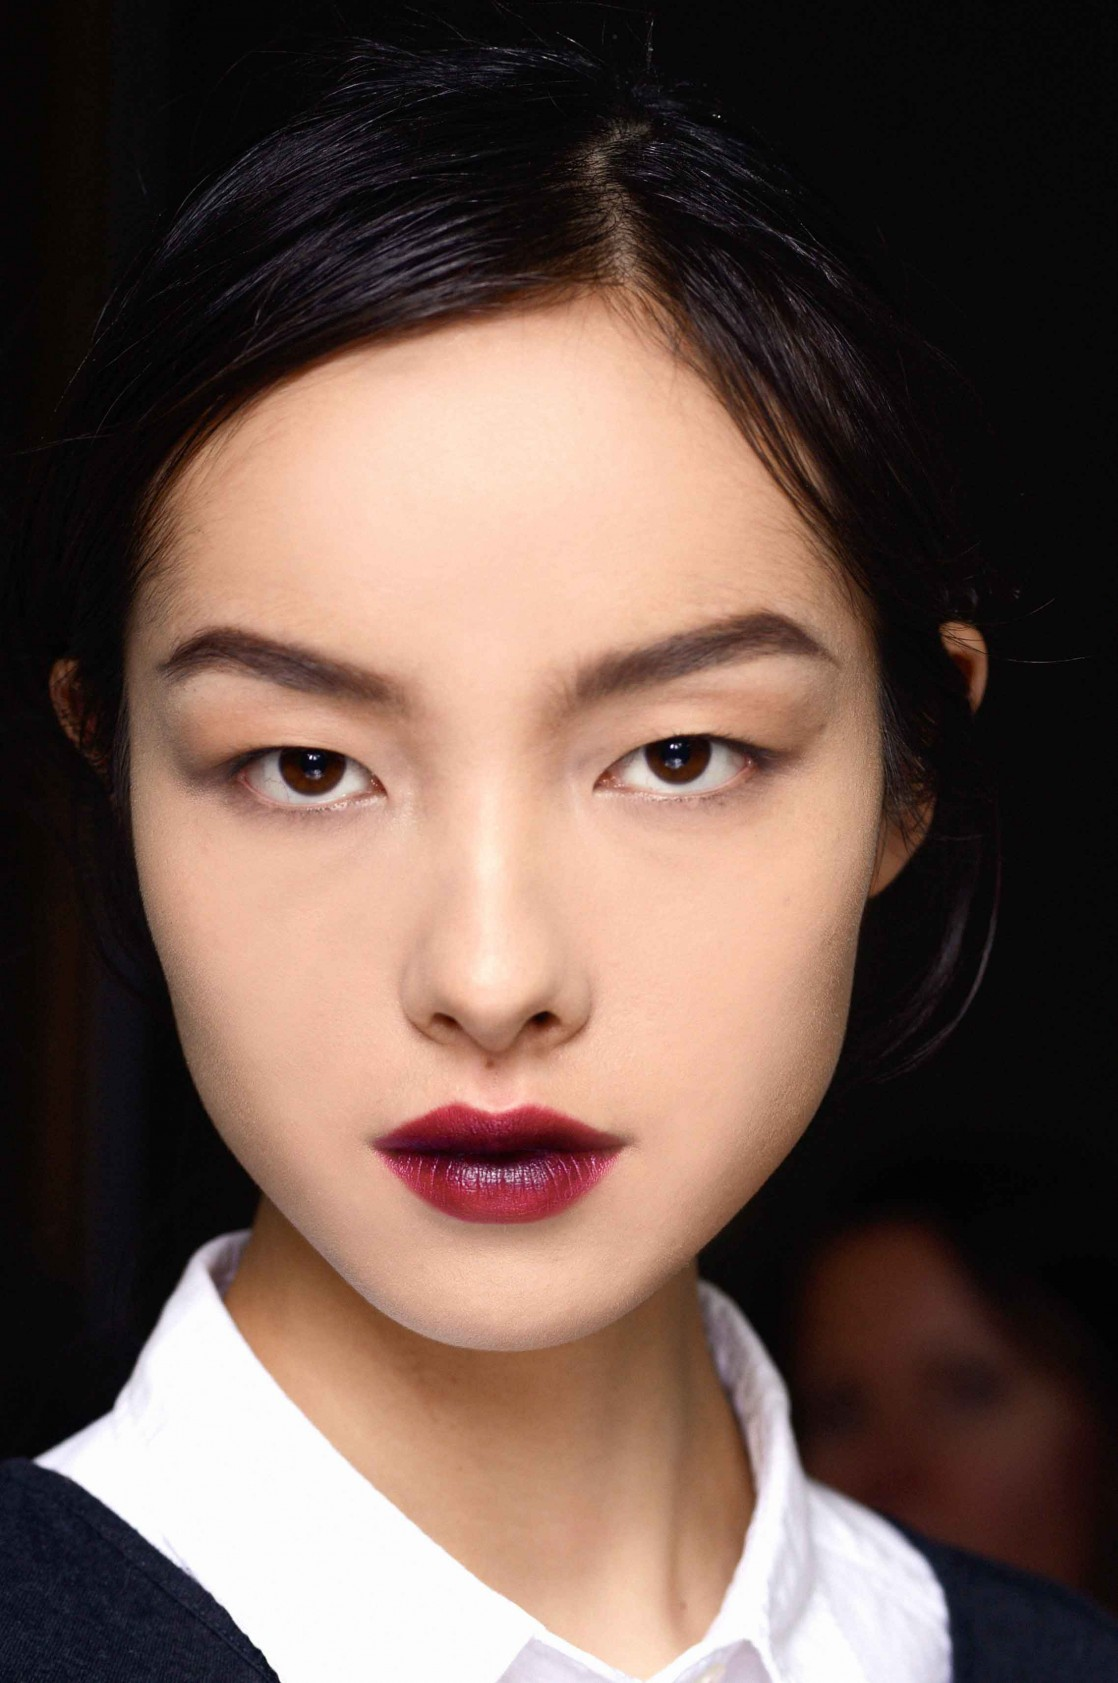 Как сделать из азиатского европейский разрез глаз макияж